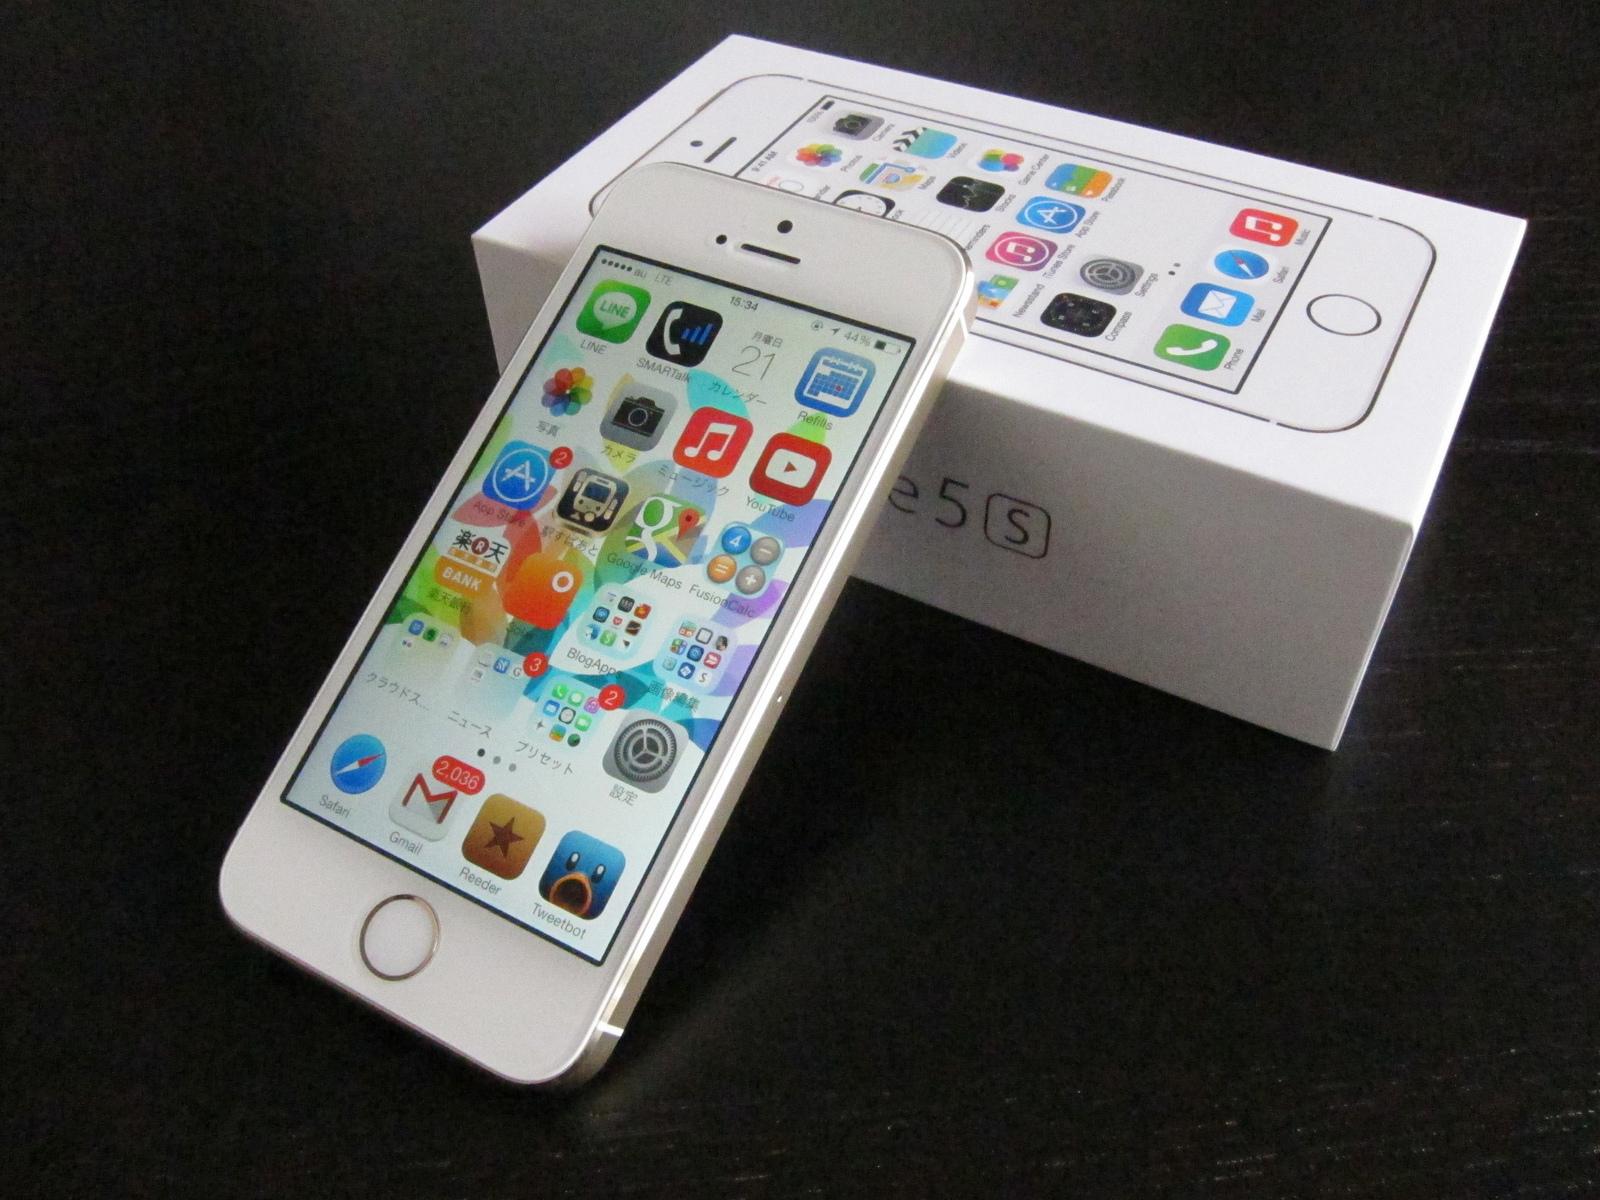 iPhone 5s/5c、発売から1ヶ月間で最も売れたのはソフトバンクモバイルに?